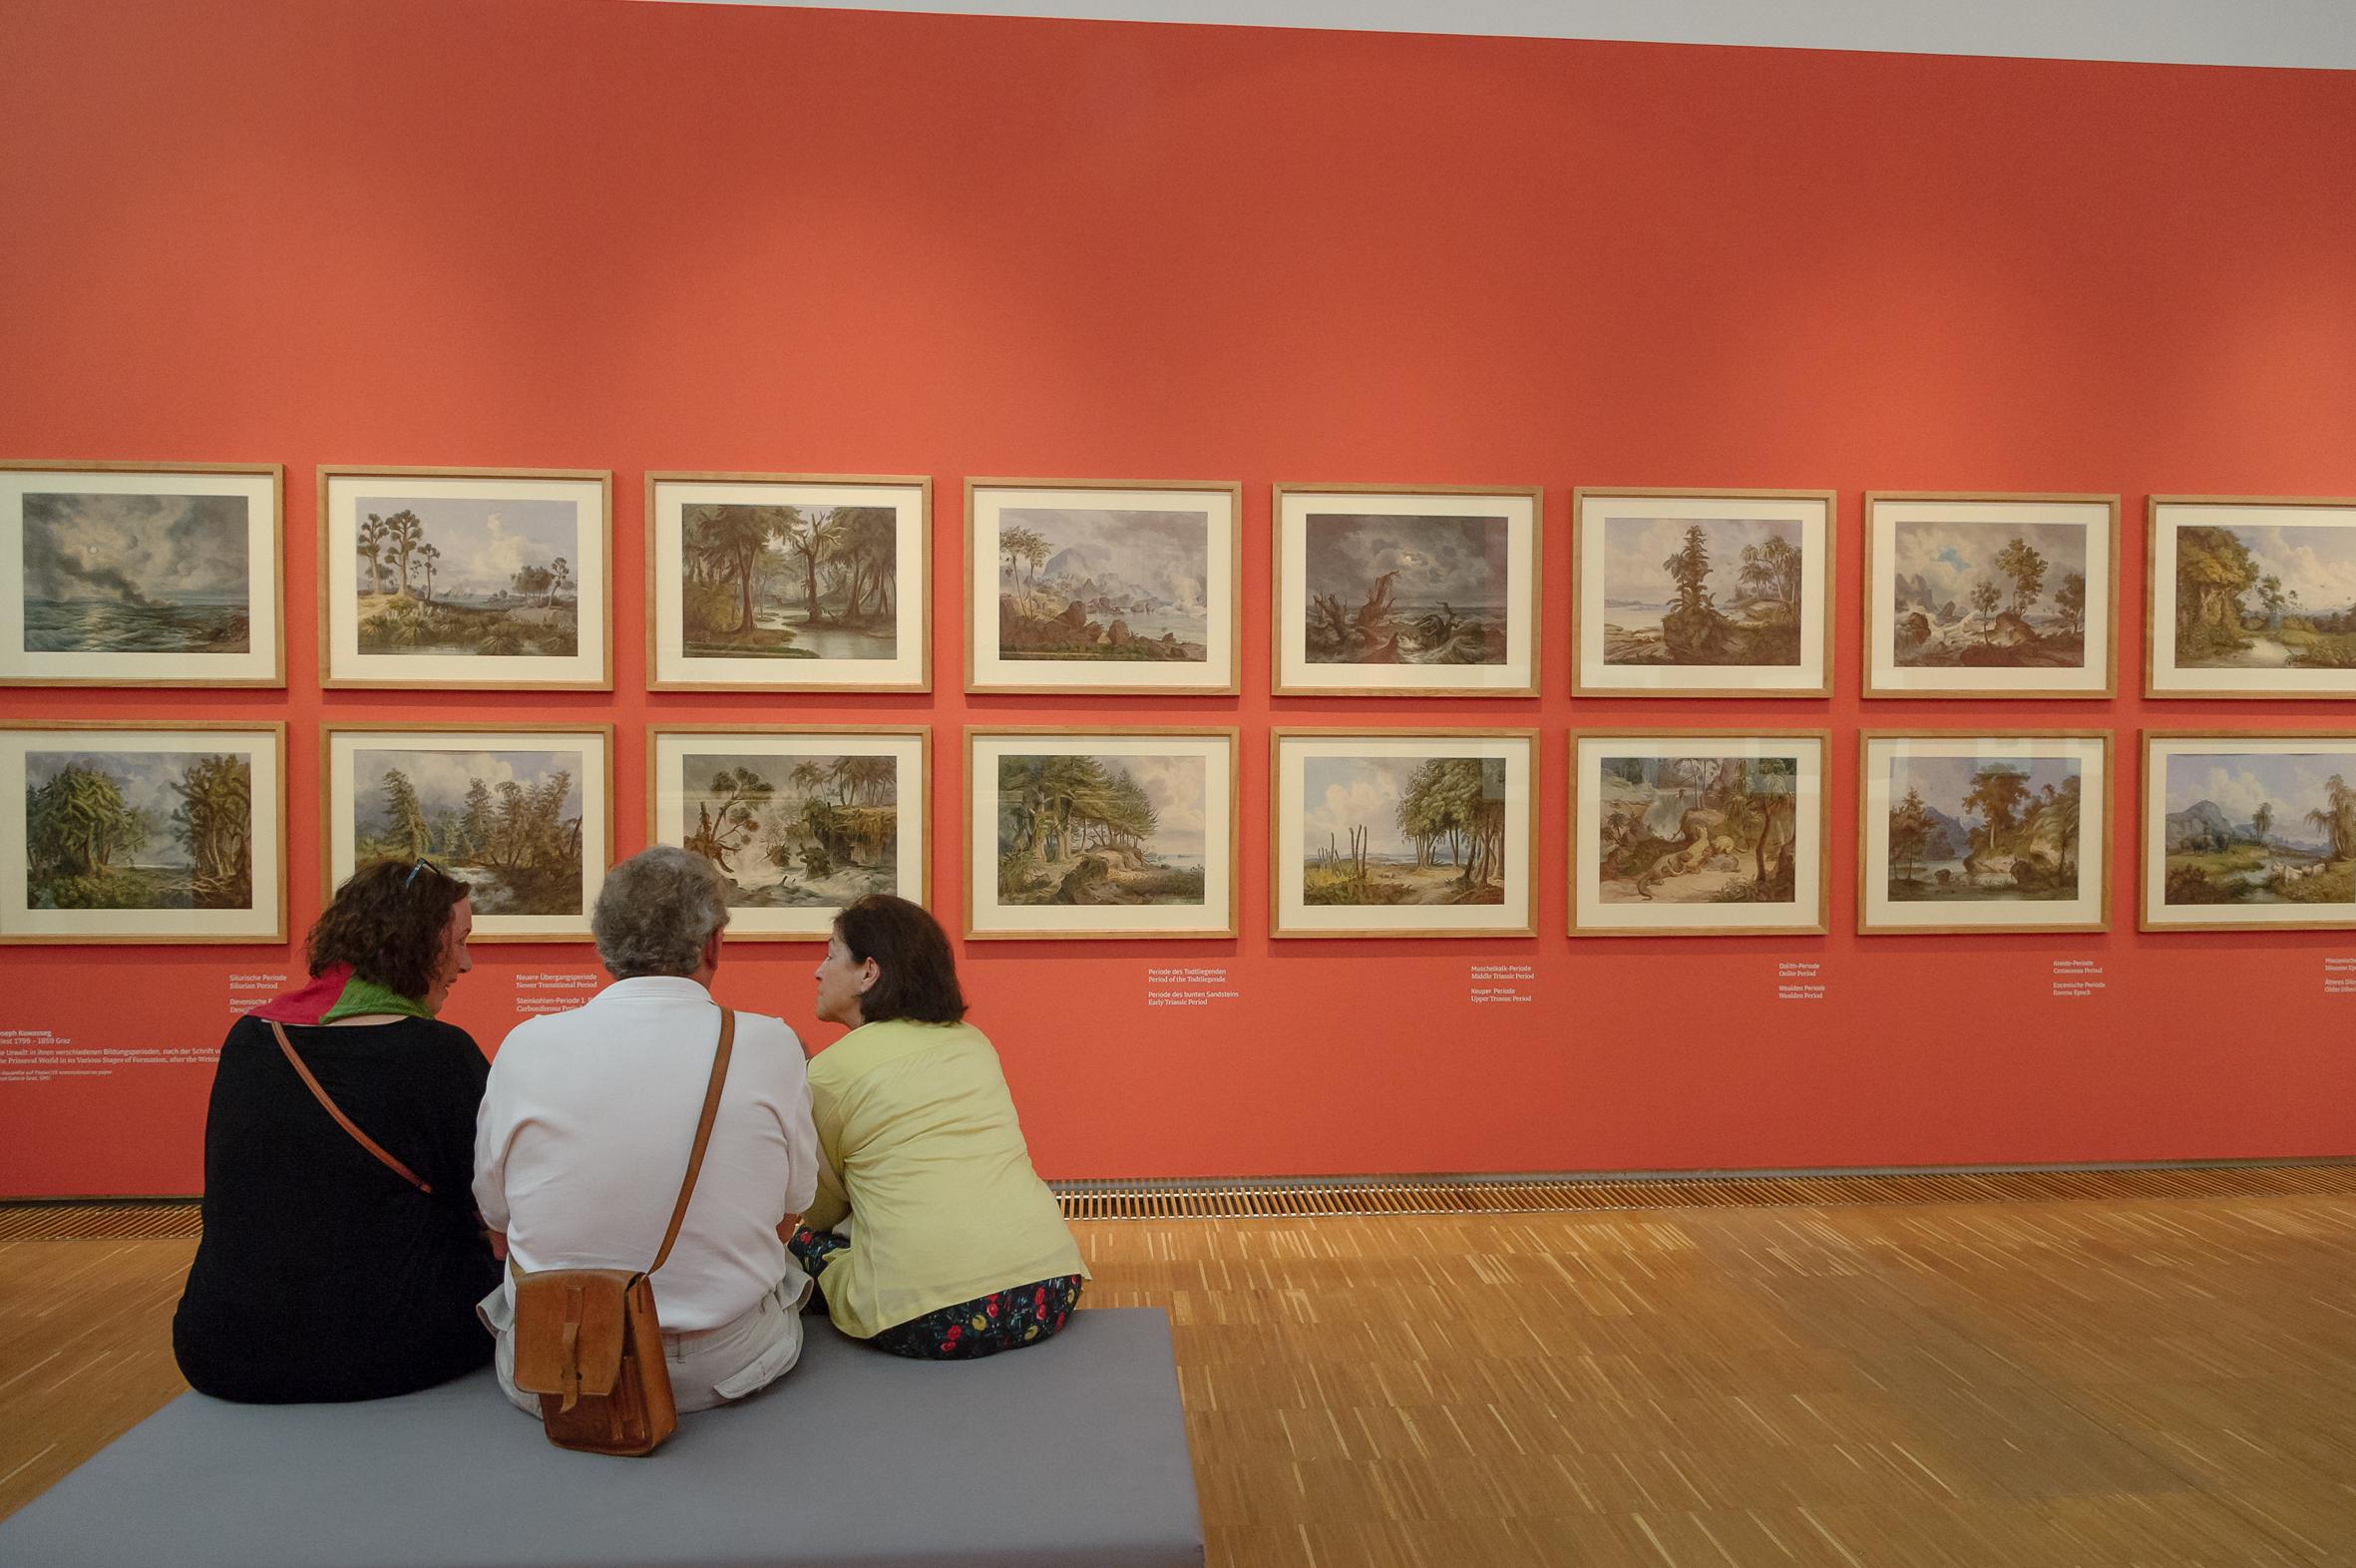 Bei der Eröffnung, Foto: Universalmuseum Joanneum/N. Lackner